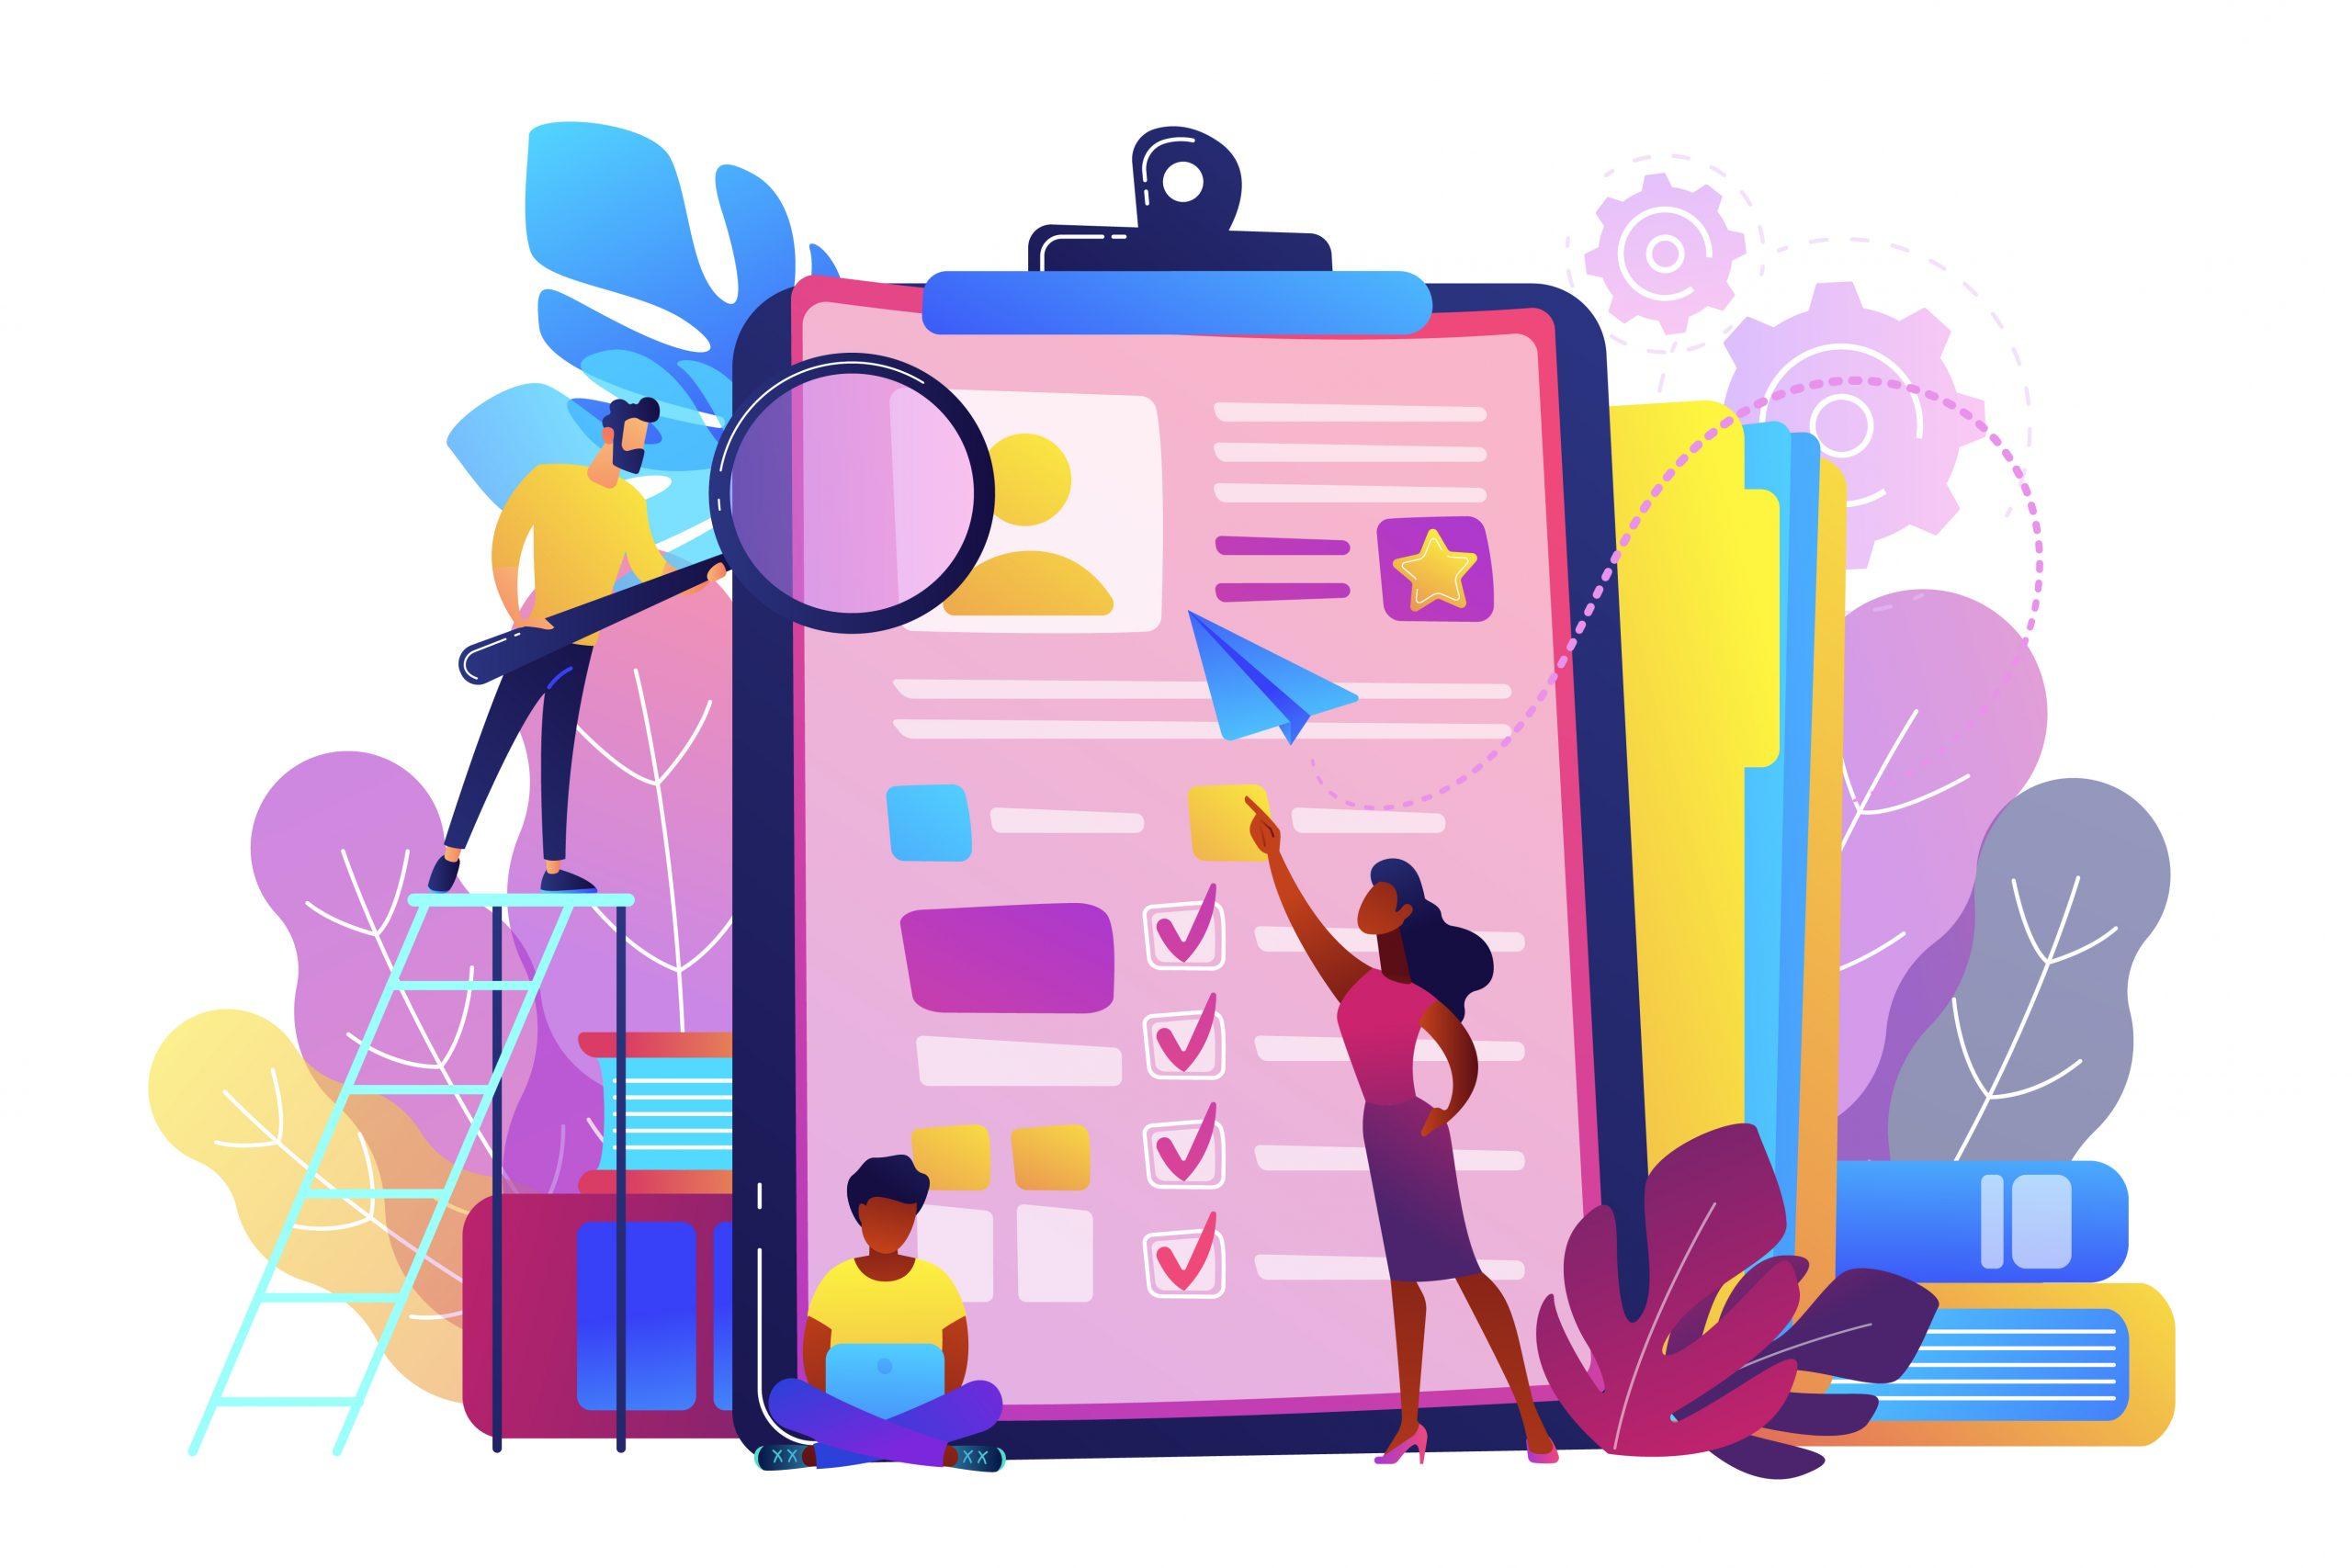 Human Resource Information System : Mengenal HRIS dan Manfaatnya